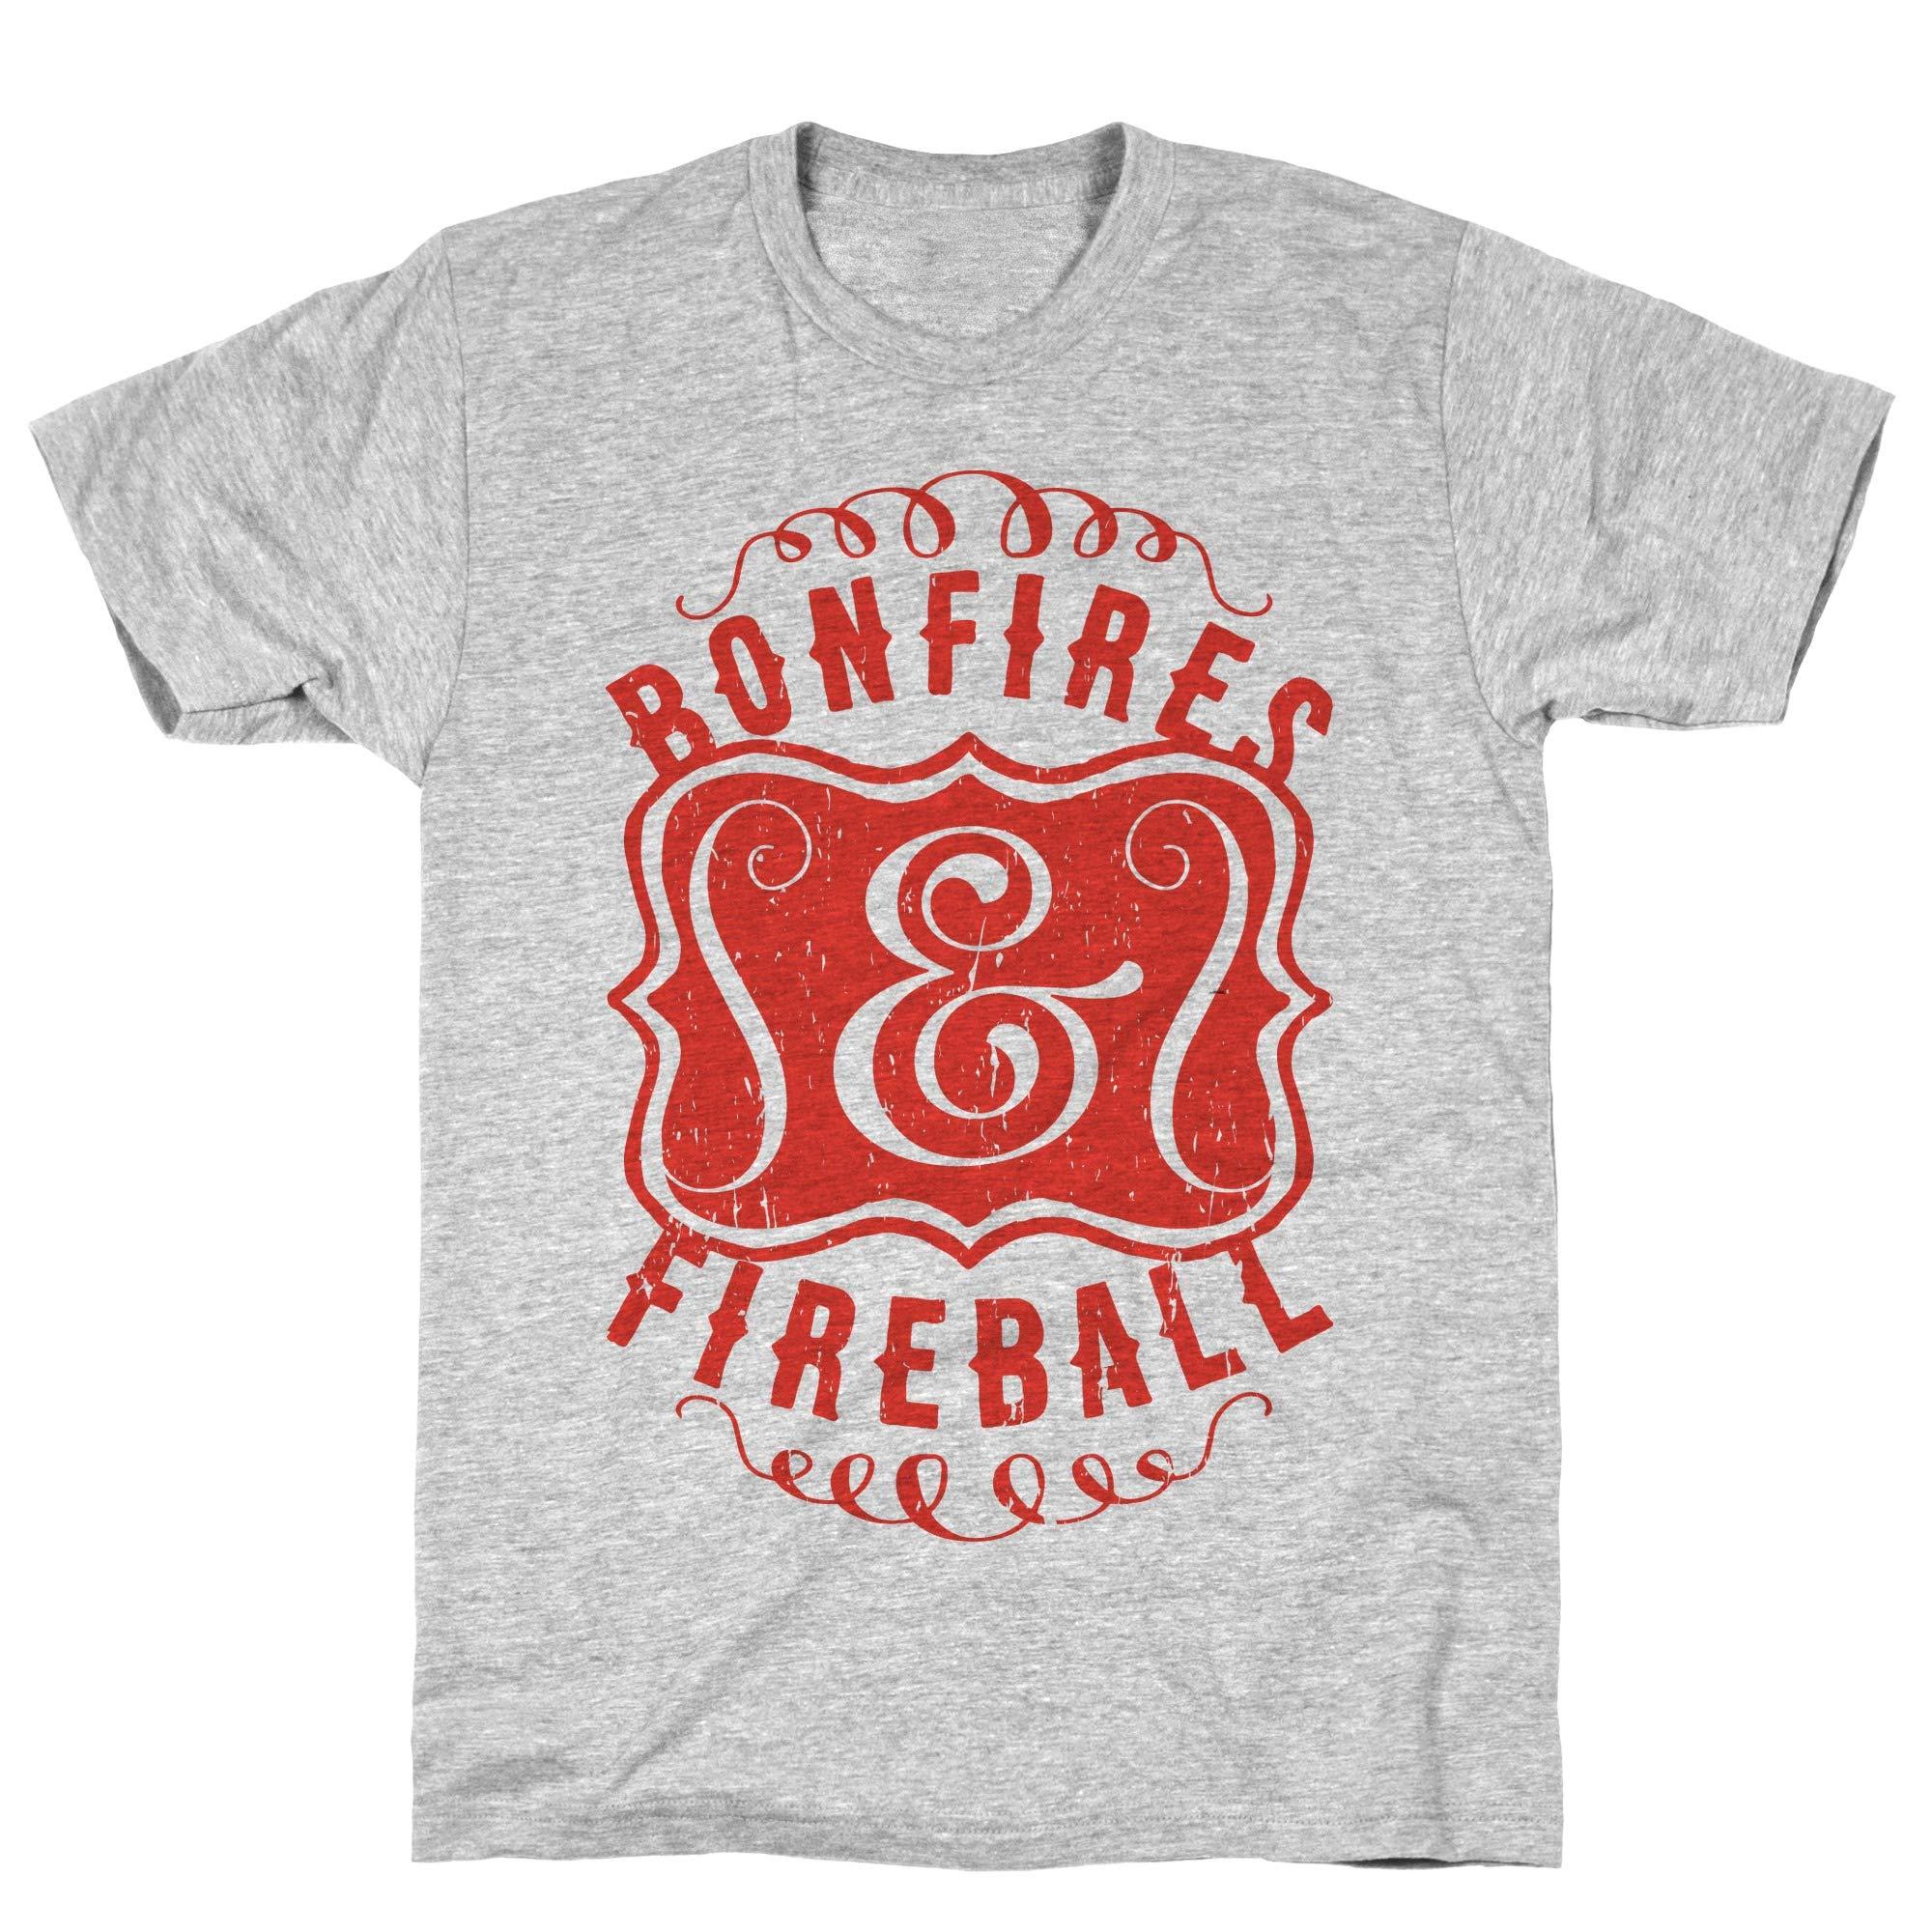 Bonfires And Fireball Athletic Gray S Ts Shirts